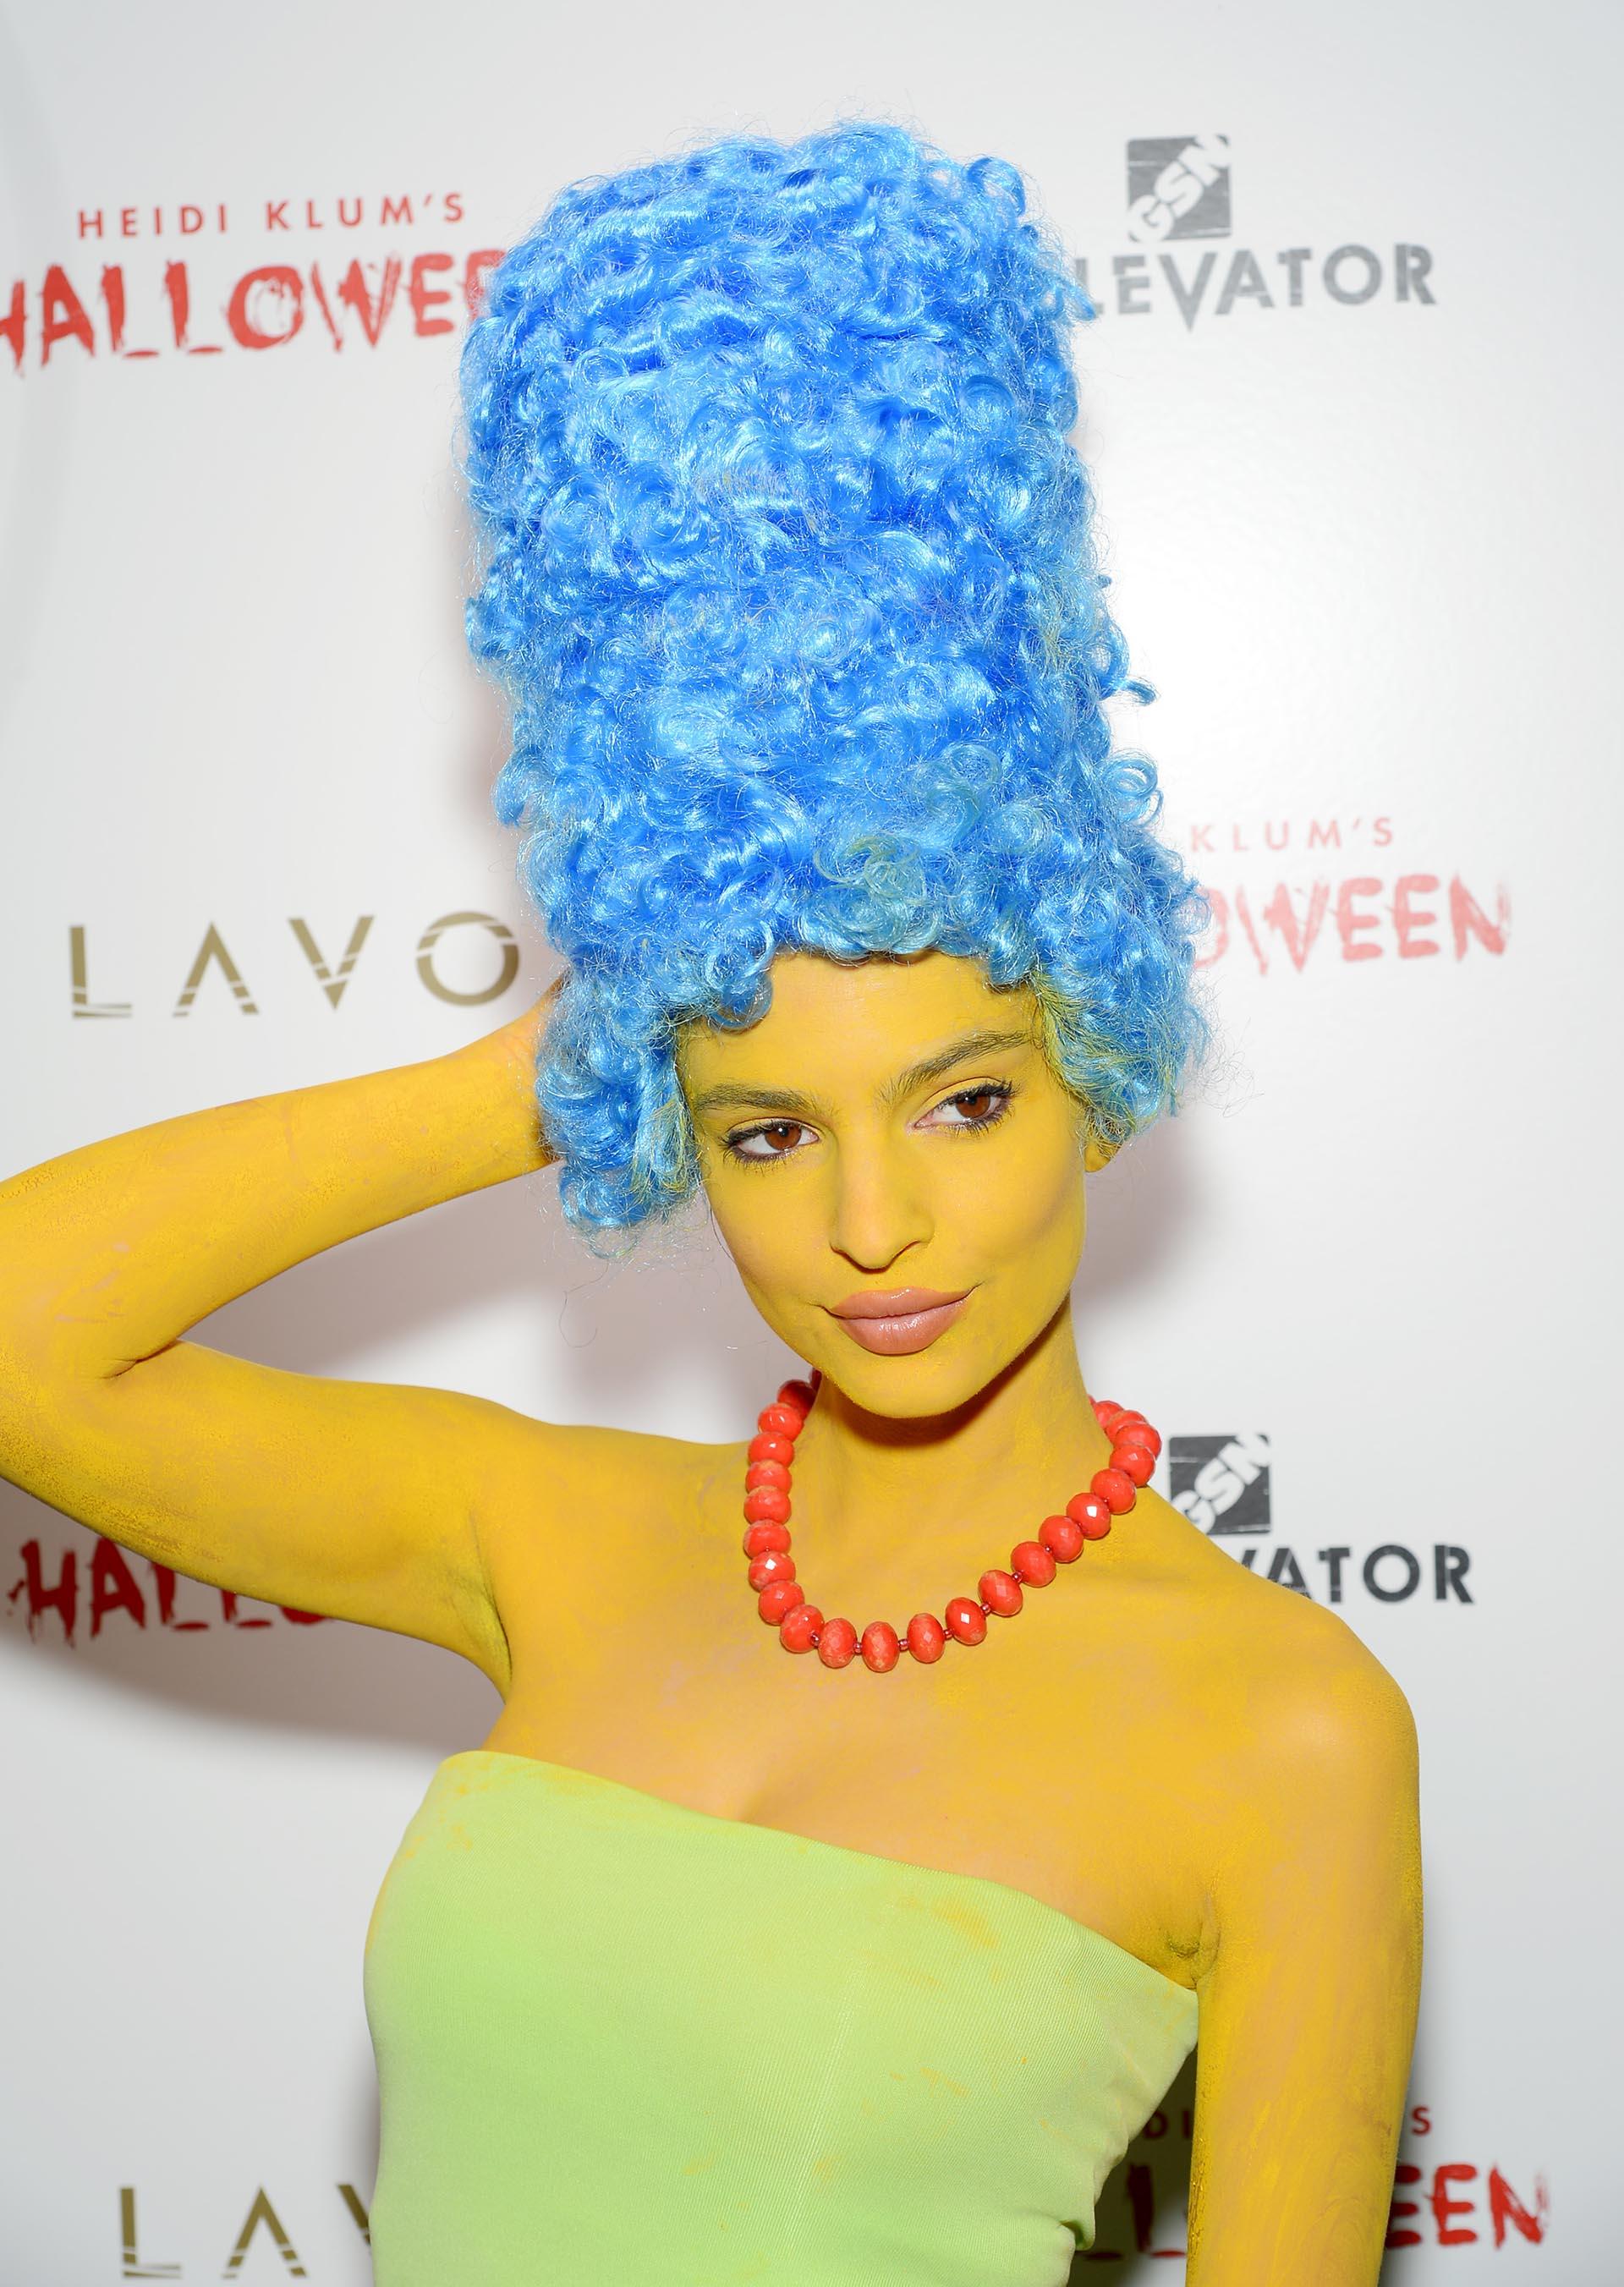 La sexy modelo -Emily Ratajkowski- escogió interpretar a Marge Simpson: pintó su cuerpo de amarillo, lució una peluca extra grande en color azul y su icónico collar